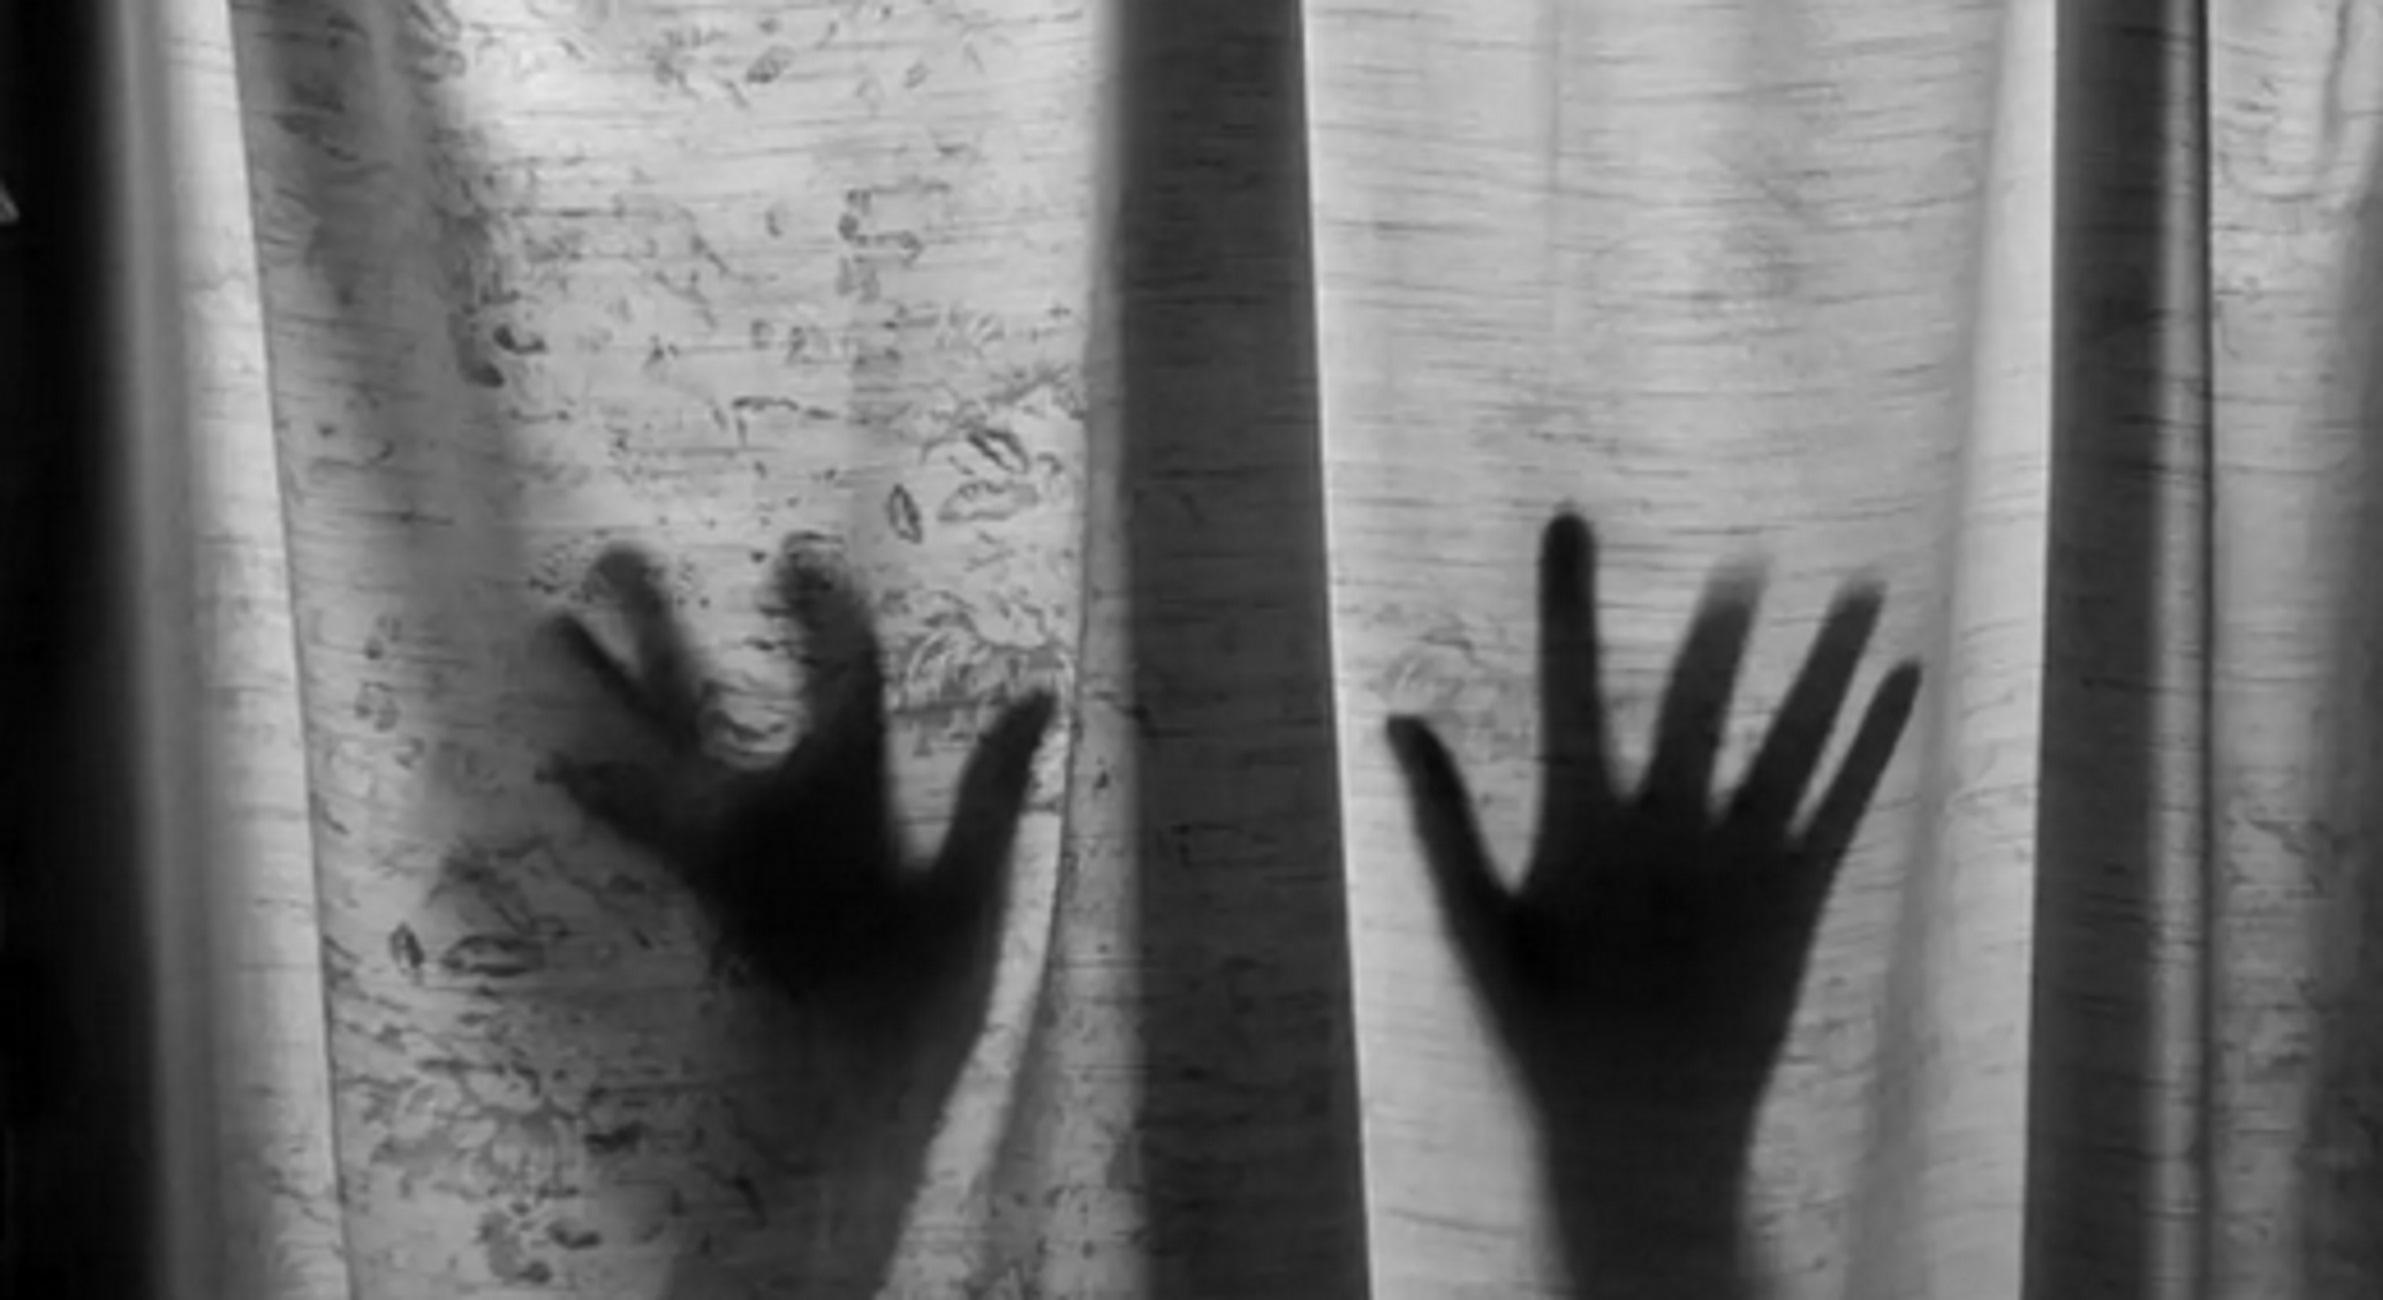 Αγόρι που βιάστηκε κατ΄ επανάληψη στα 12 του χρόνια μετατράπηκε σε θύτη ως ενήλικας – Τι λέει η μητέρα του – ΒΙΝΤΕΟ